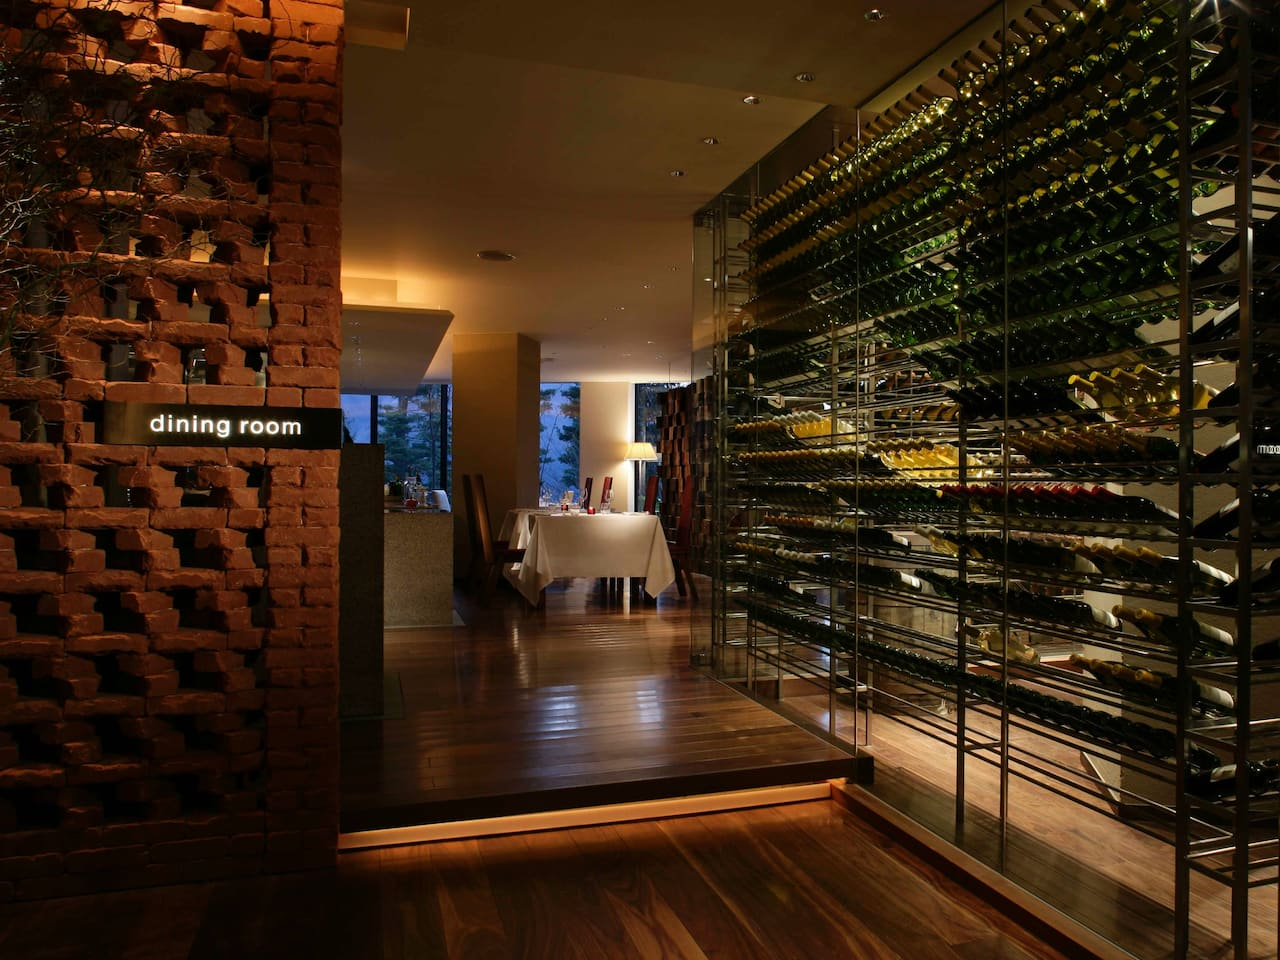 Hyatt Regency Hakone  Resot and Spa | Dining room